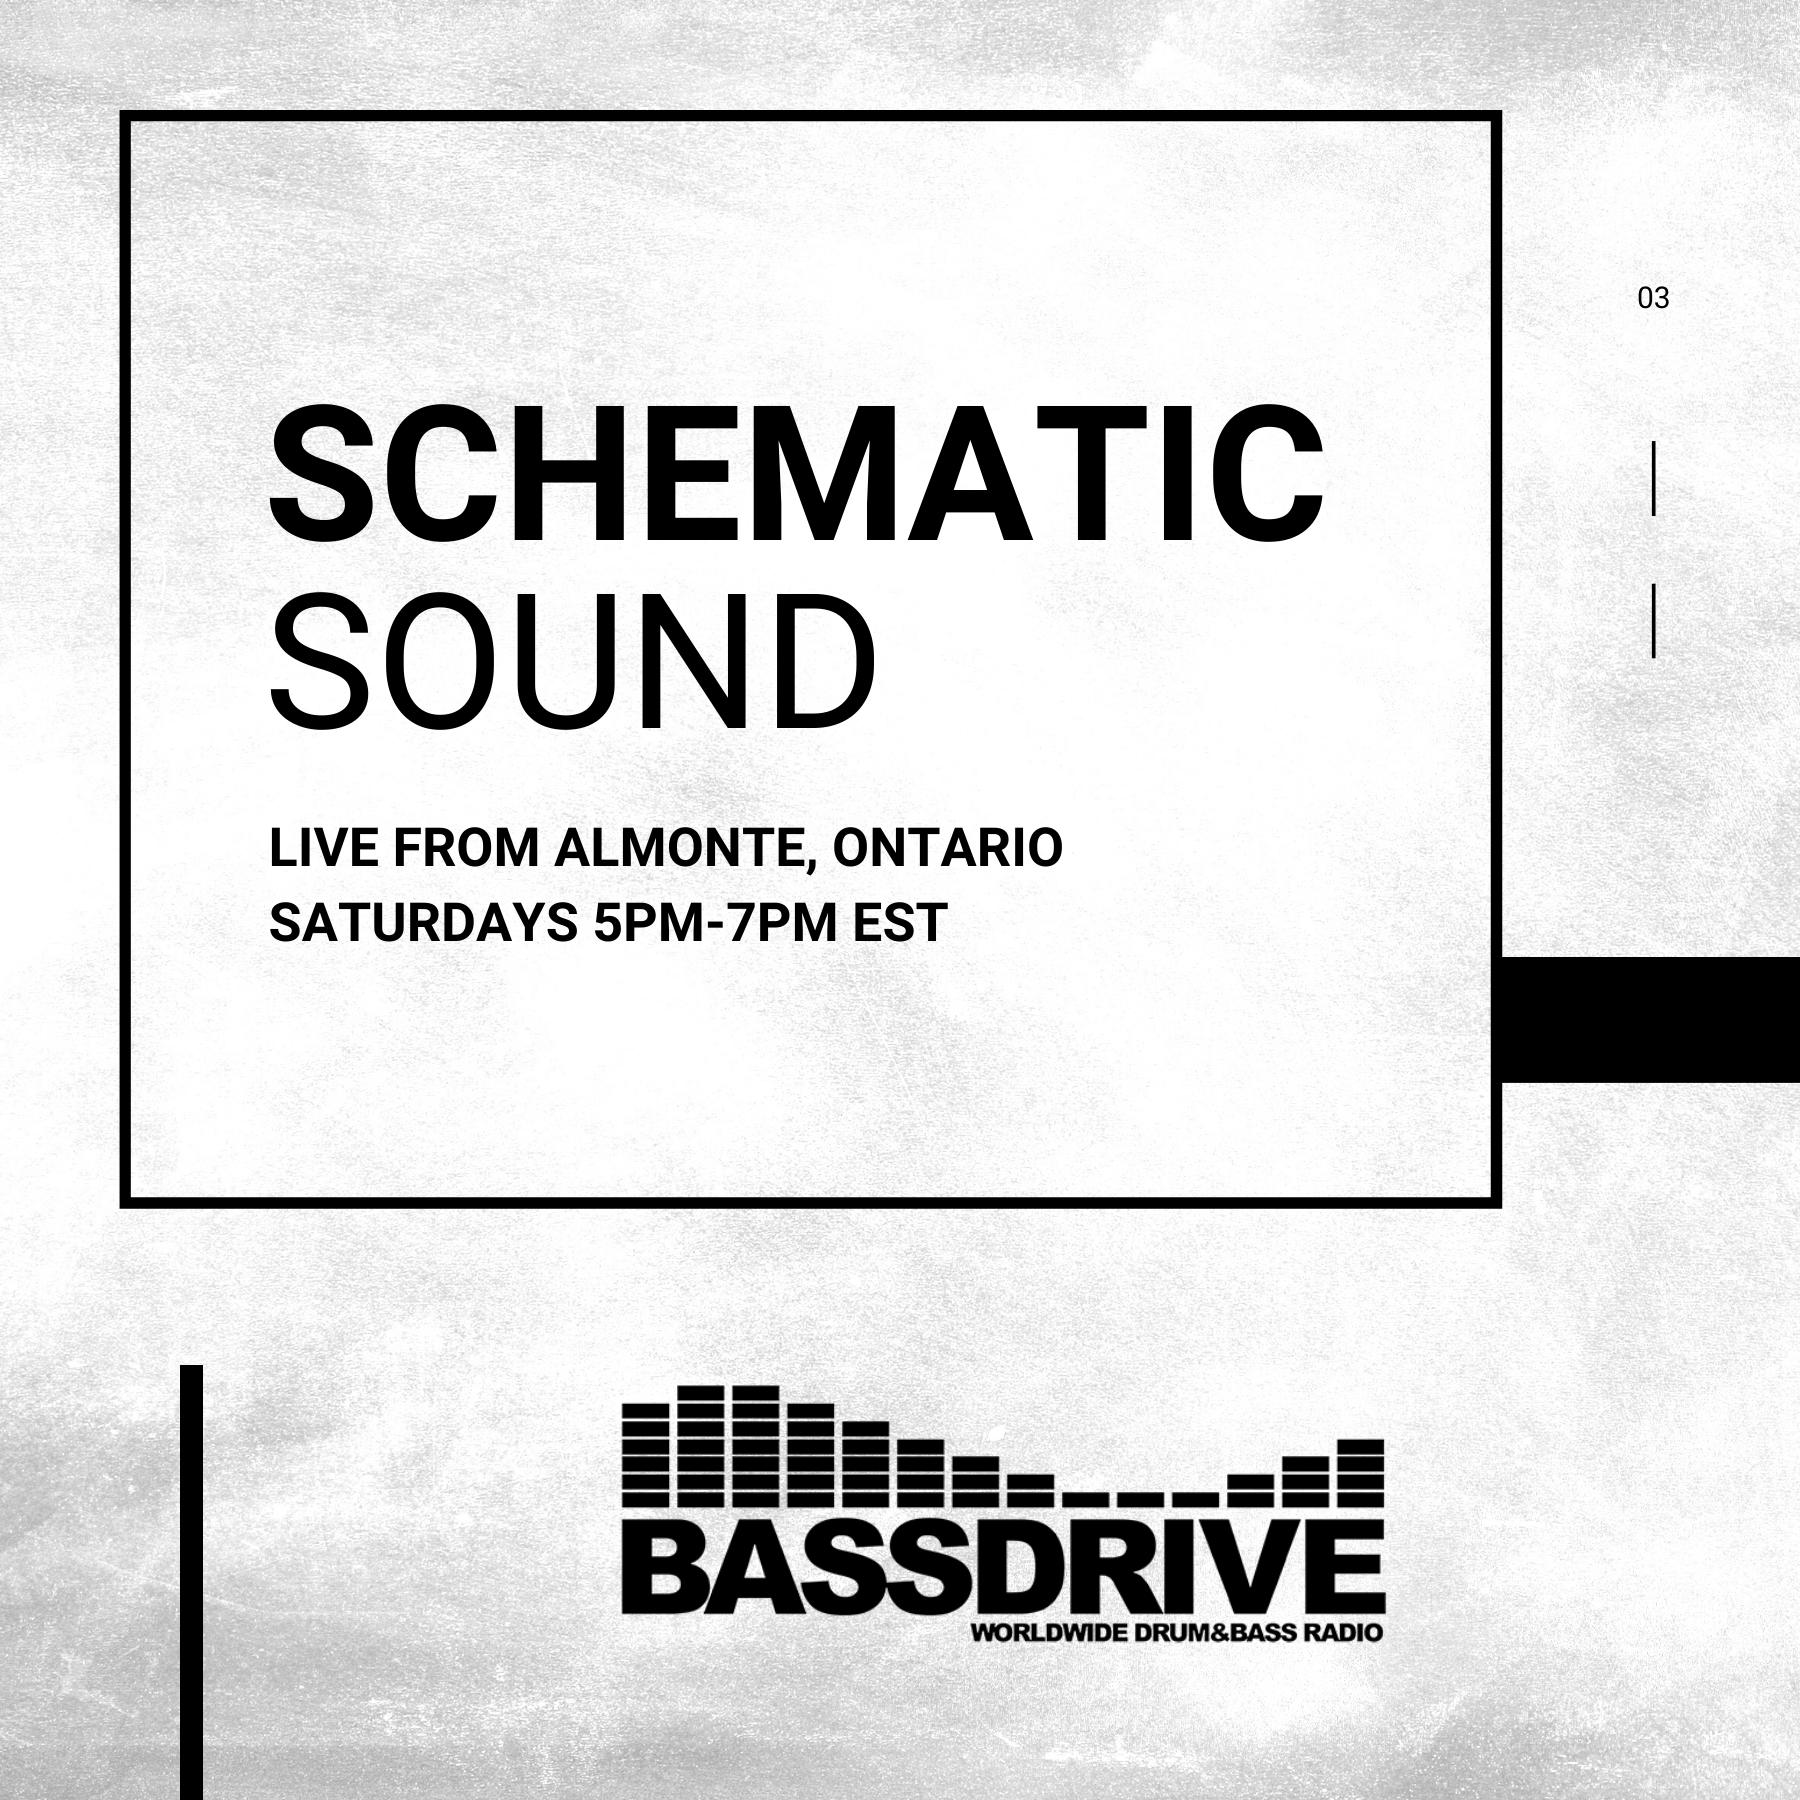 Schematic Sound LIVE on Bassdrive 03-27-2021